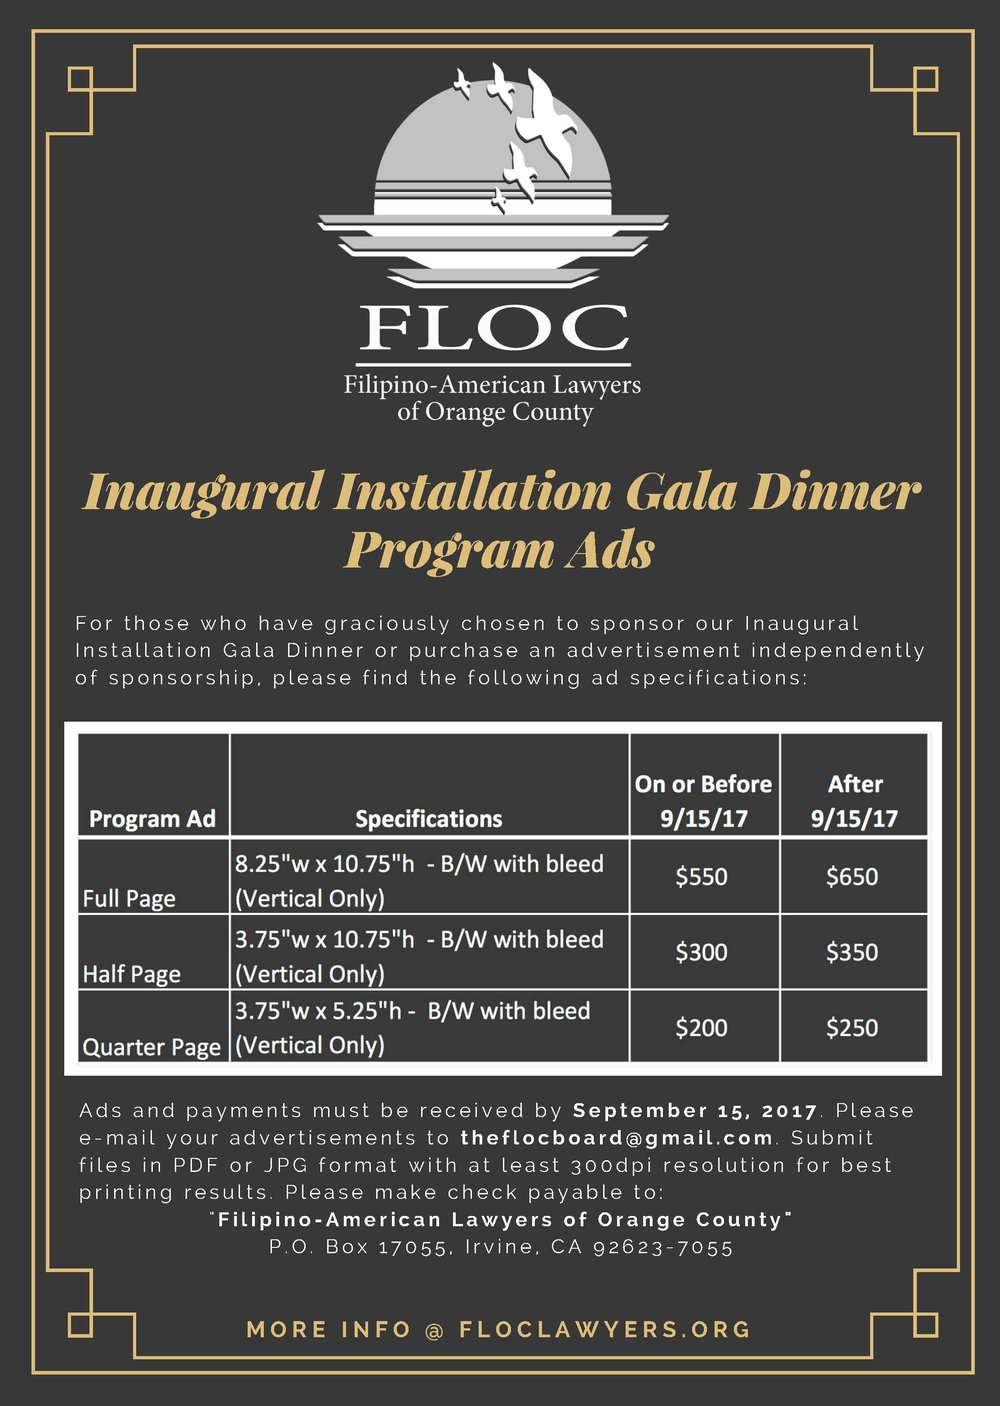 2017 FLOC Dinner Program Ads.jpg